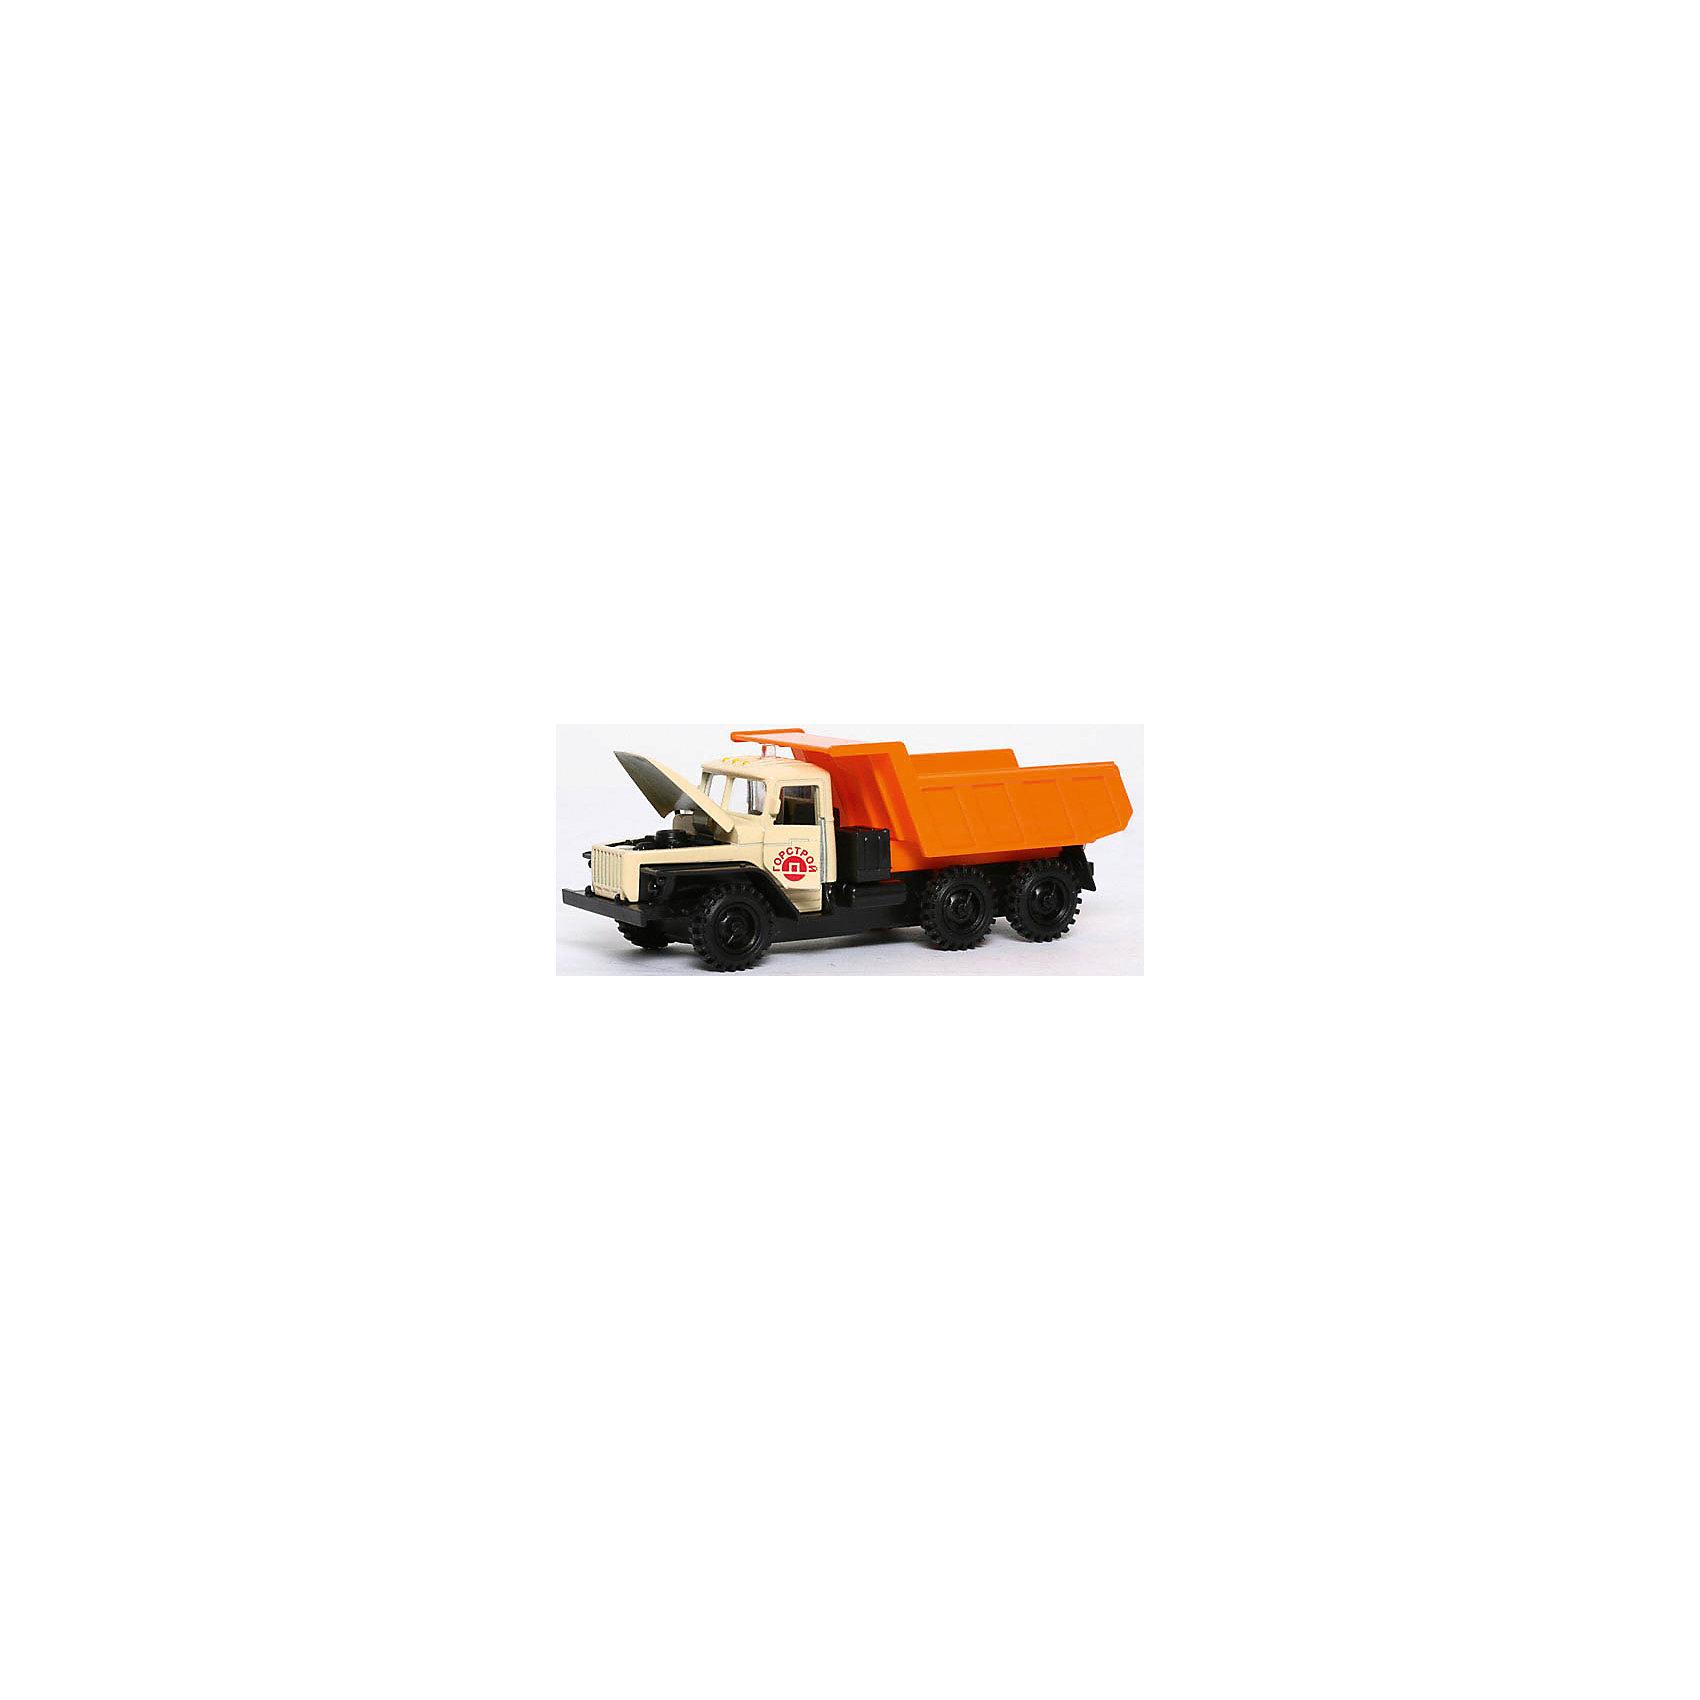 Машина Самосвал Урал,  свет+звук, открыв. двери и капот, инерц., ТЕХНОПАРКМашинки<br>Машина Самосвал Урал, свет+звук, открыв. двери и капот, инерц., ТЕХНОПАРК<br><br>Характеристики:<br><br>- Масштаб: 1:43<br>- Вес: 230 гр.<br>- Размер упаковки: 210х150х70мм.<br>- Материал: металл, пластик<br>- Инерционный механизм.<br>- Батарейка AG13 в комплекте<br><br>Машина Самосвал Урал, свет+звук, инерц., ТЕХНОПАРК - миниатюрная копия настоящего автомобиля в масштабе 1:43. . Модель выполнена  из пластика и металла. Игрушка представляет собой модель автомобиля спецтехники «Самосвал Урал». Она выполнена из качественного и безопасного пластика. Прорезиненные колеса машинки имеют свободный ход. Модель очень реалистична – открываются двери, капот, горят фары, и слышится звук работающего двигателя. Игрушка оснащена инерционным ходом. Машинку необходимо отвести назад, затем отпустить - и она быстро поедет вперед. Ваш ребенок сможет придумывать и обыгрывать различные игровые сюжеты. Порадуйте своего мальчика, подарив ему такую машинку!<br><br>Машину Самосвал Урал, свет+звук, открыв. двери и капот, инерц., ТЕХНОПАРК можно купить в нашем интернет - магазине.<br><br>Ширина мм: 210<br>Глубина мм: 140<br>Высота мм: 70<br>Вес г: 210<br>Возраст от месяцев: 36<br>Возраст до месяцев: 120<br>Пол: Мужской<br>Возраст: Детский<br>SKU: 4763390